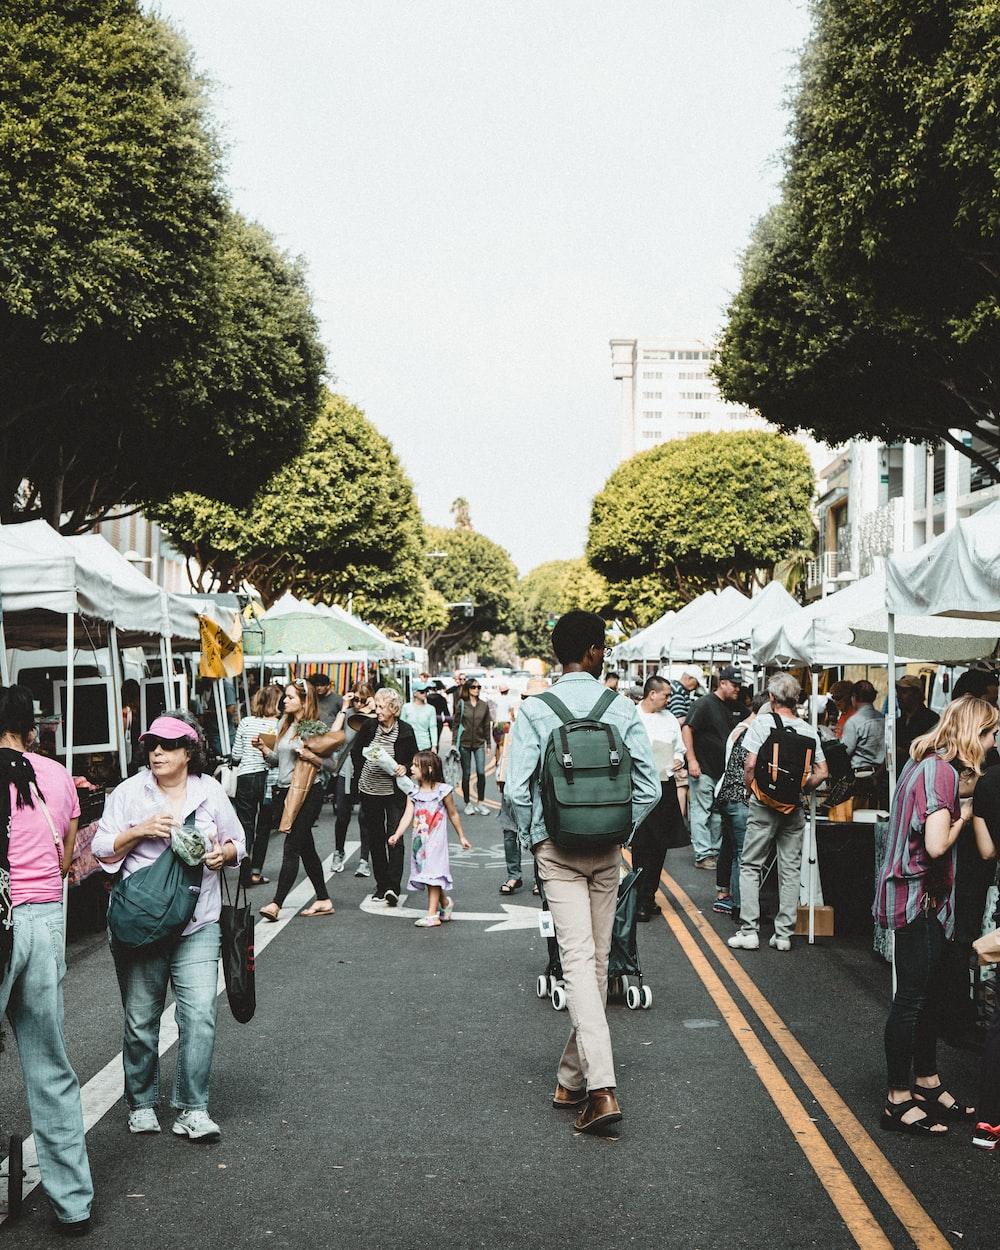 people walking on walkway during daytime